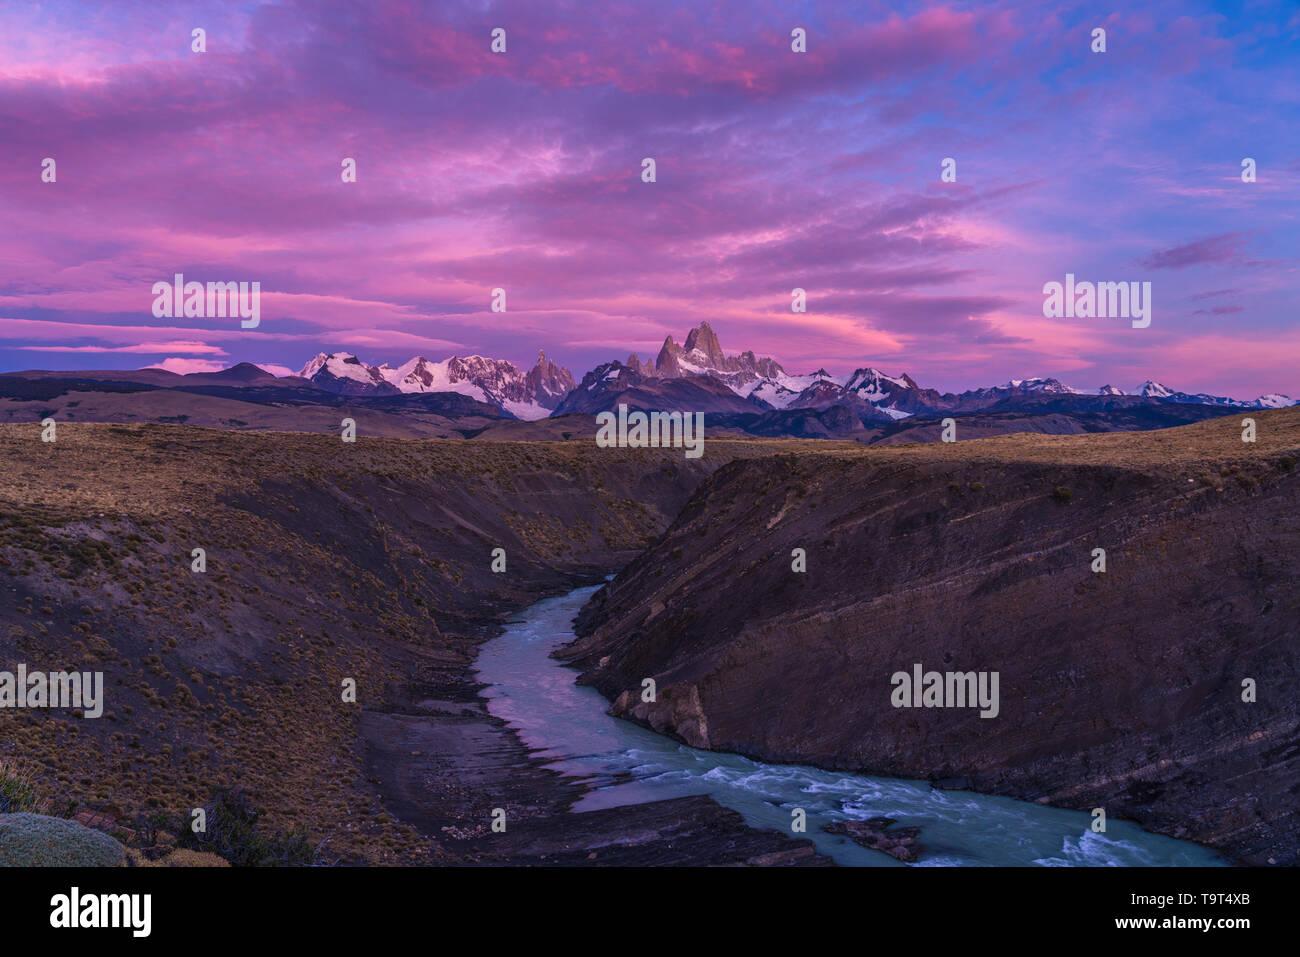 Las nubes de colores en el cielo del amanecer el Monte Fitz Roy y el Rio del las vueltas. Parque Nacional Los Glaciares, cerca de El Chaltén, Argentina. La UNESCO Foto de stock